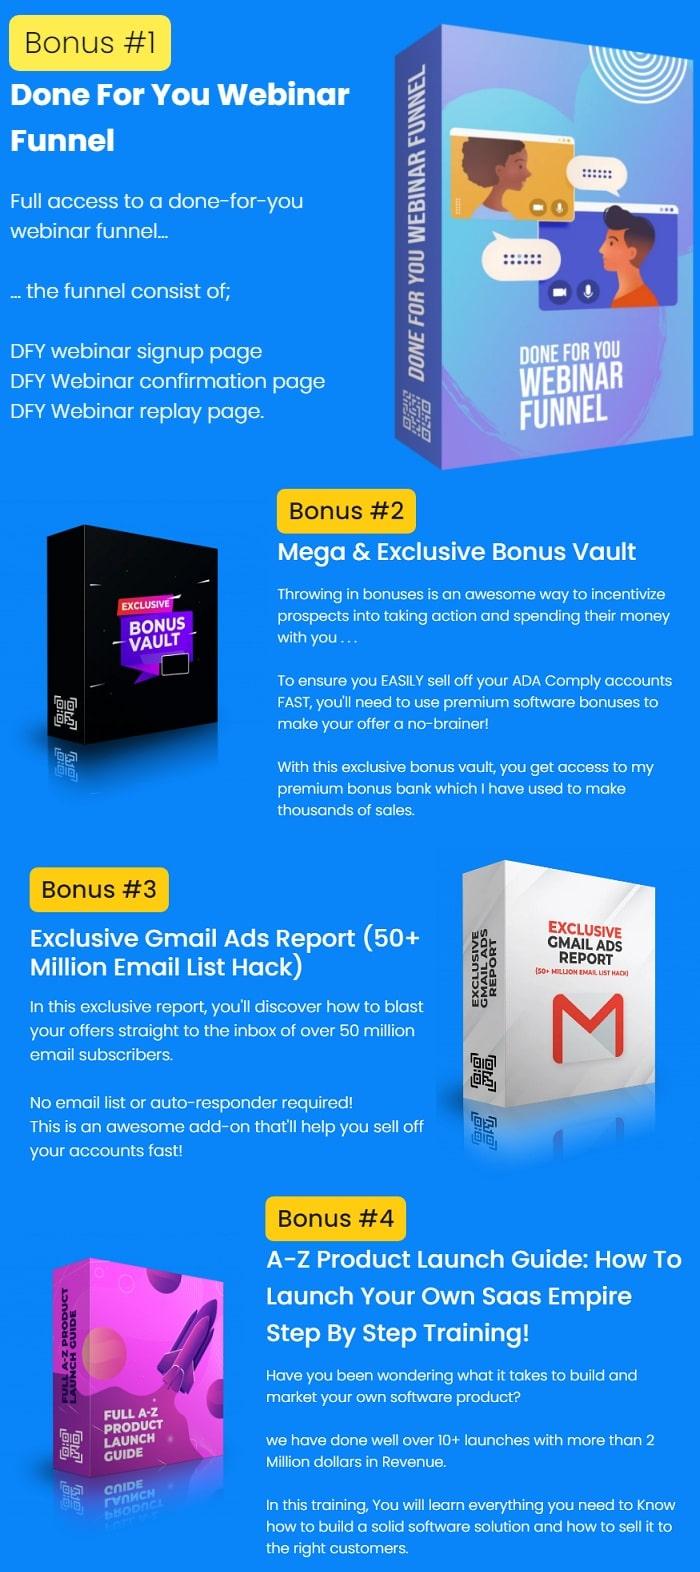 ClientFinda OTO4 Bonus